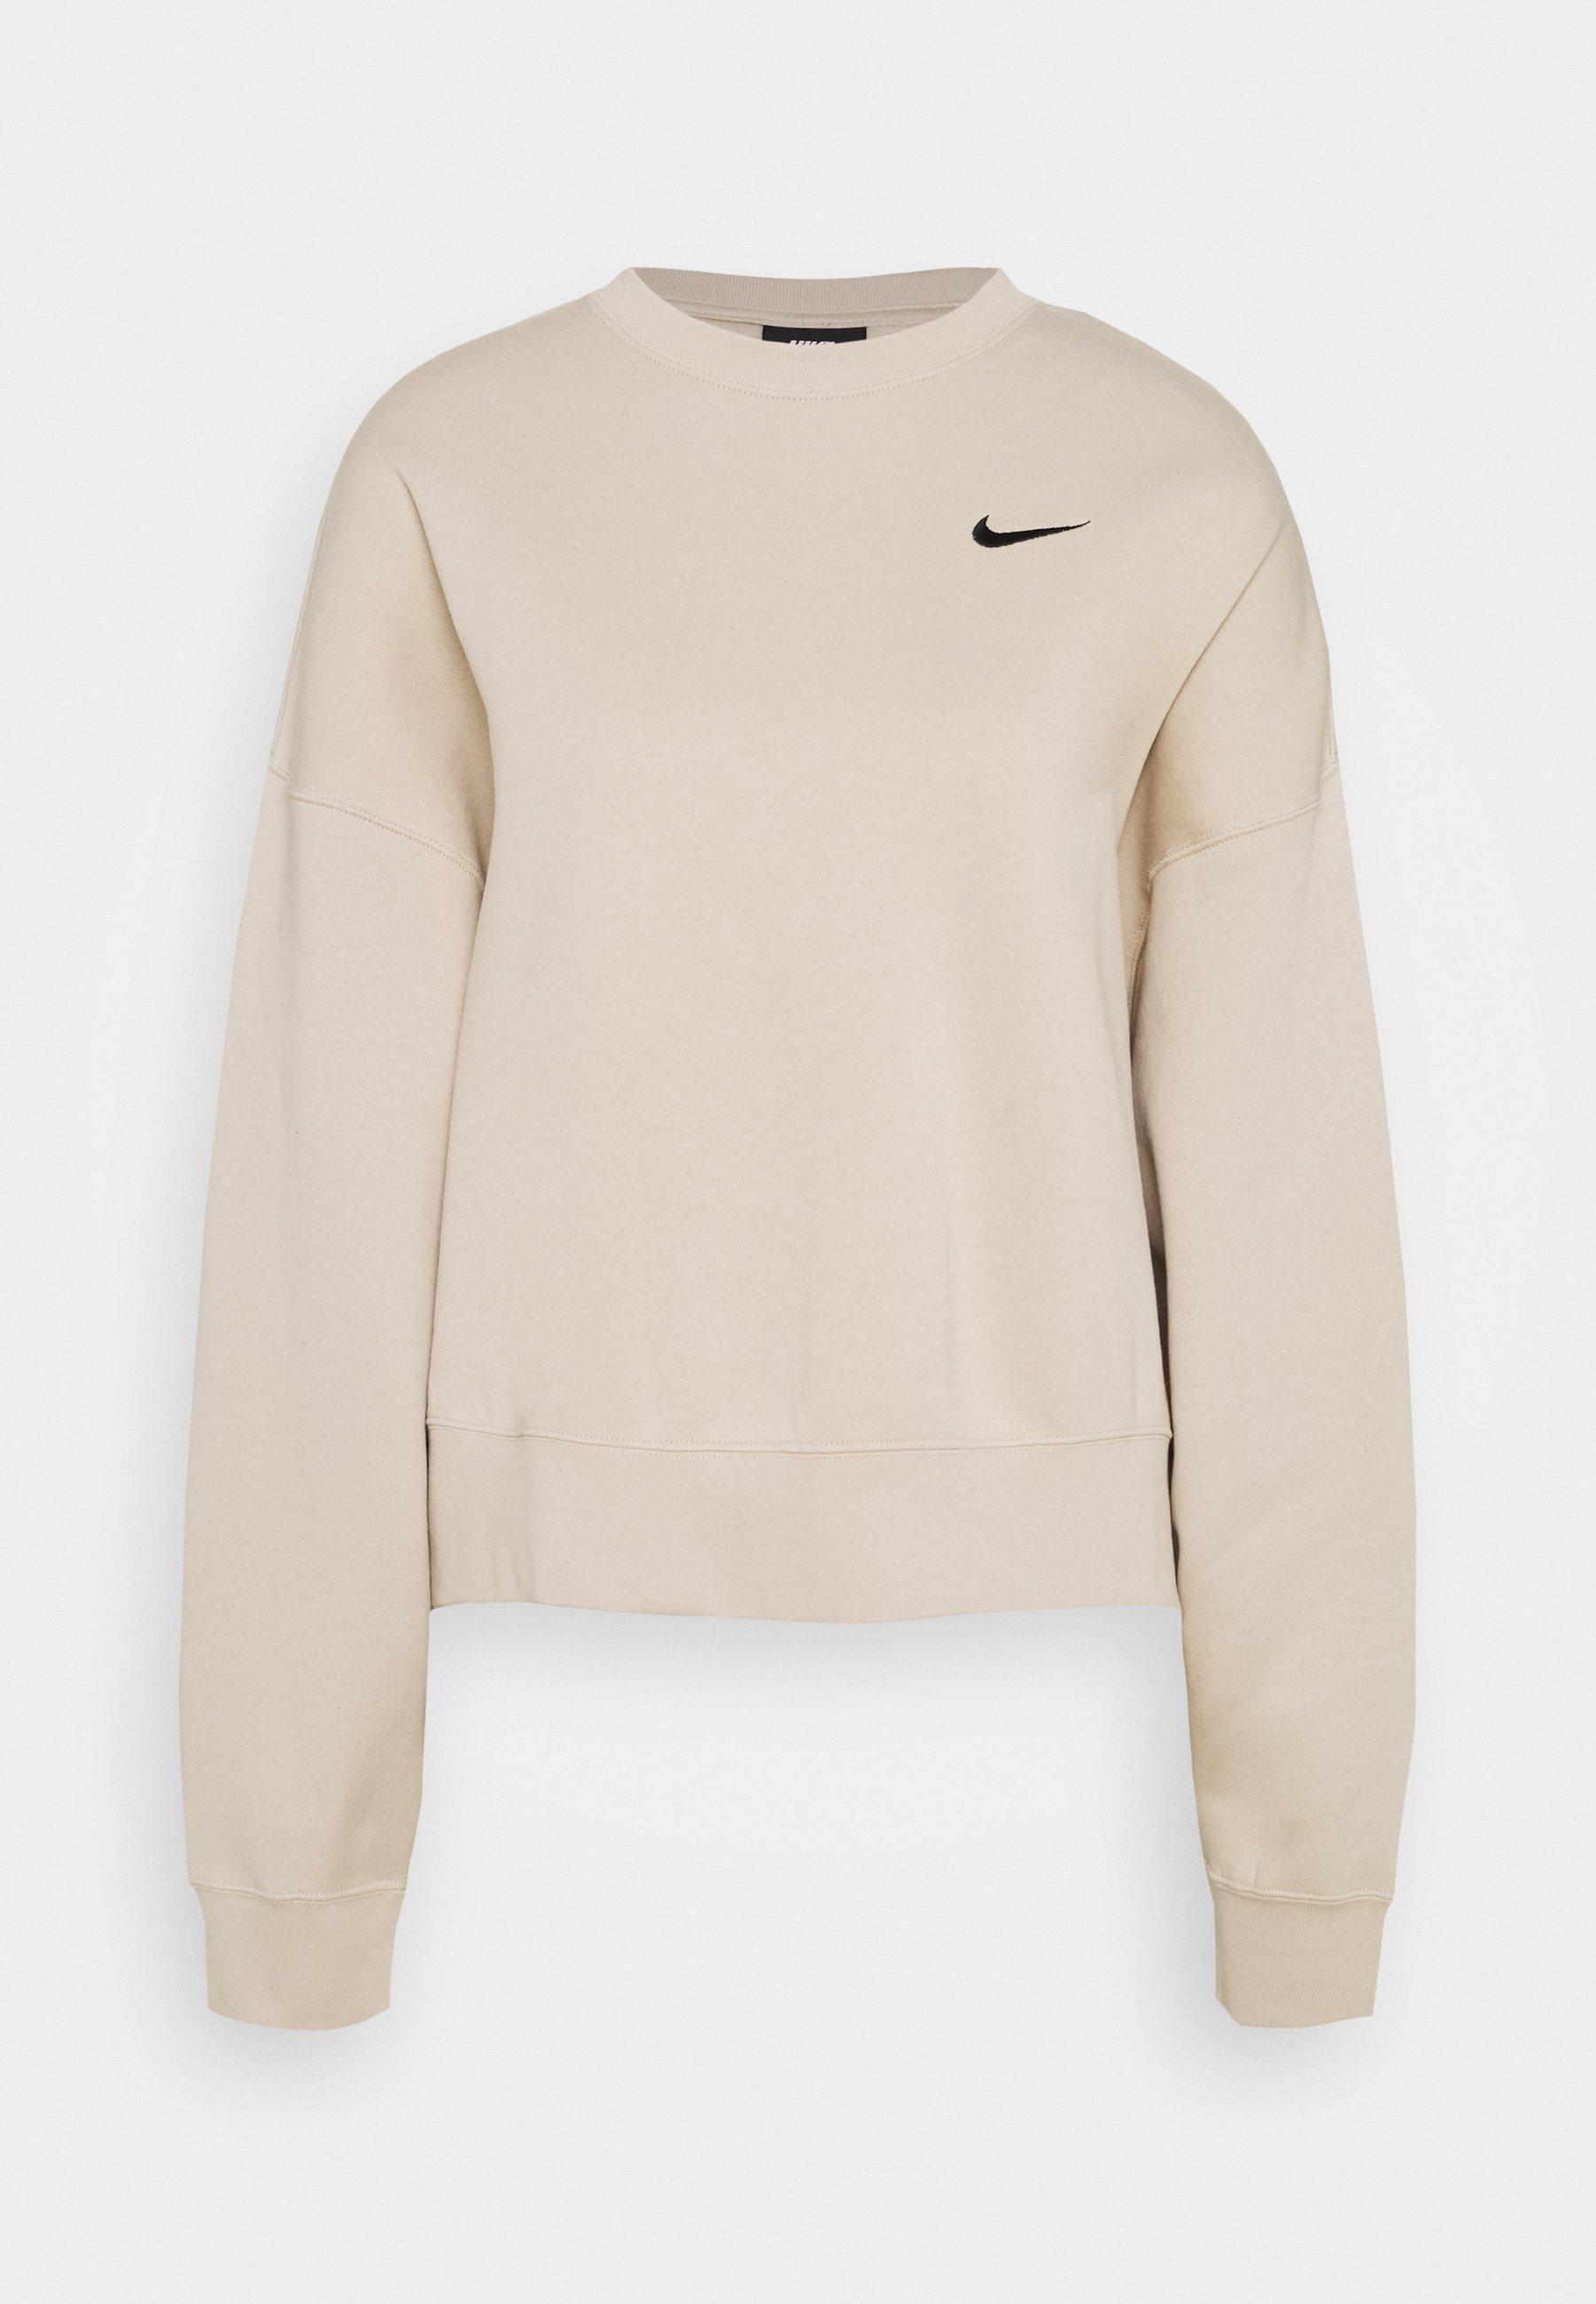 Nike Sportswear TREND Sweatjacke oatmealblackbeige